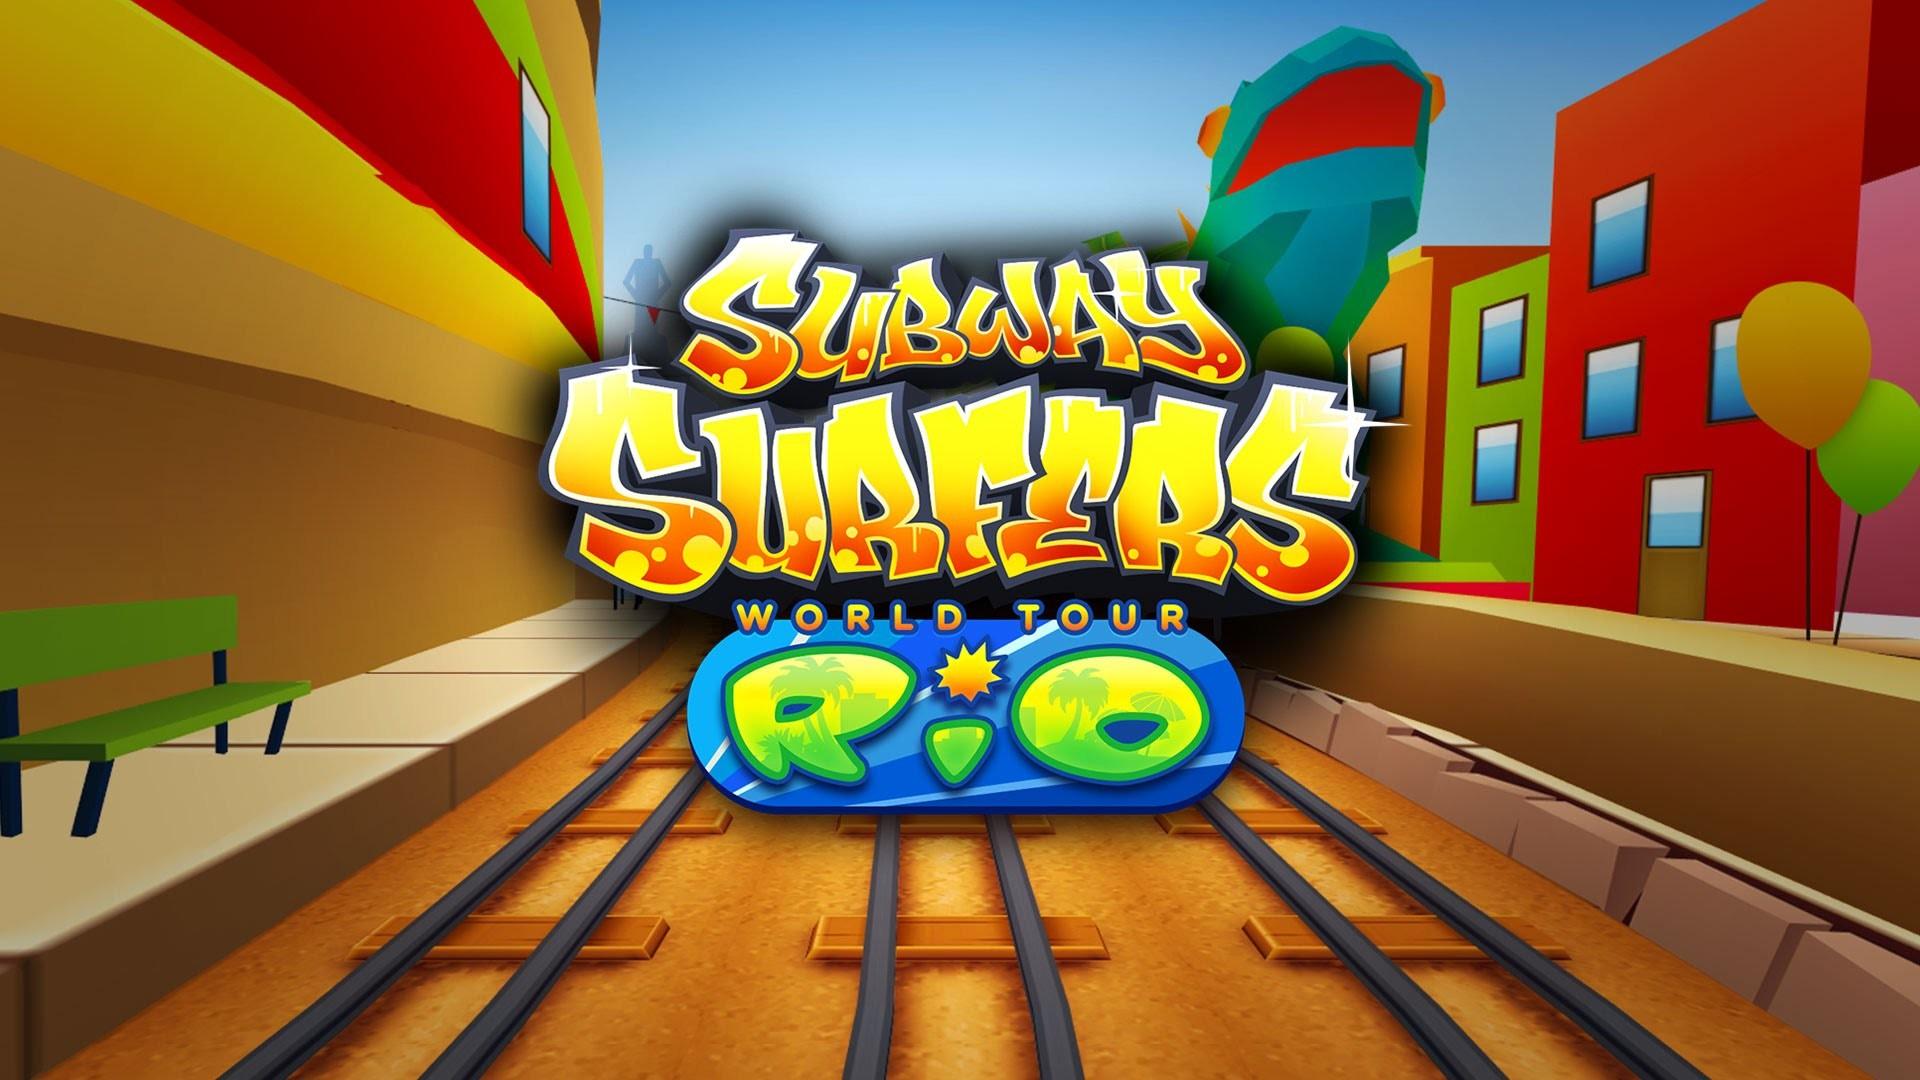 Subway-Surfers-Rio-Hack-Mod-Apk